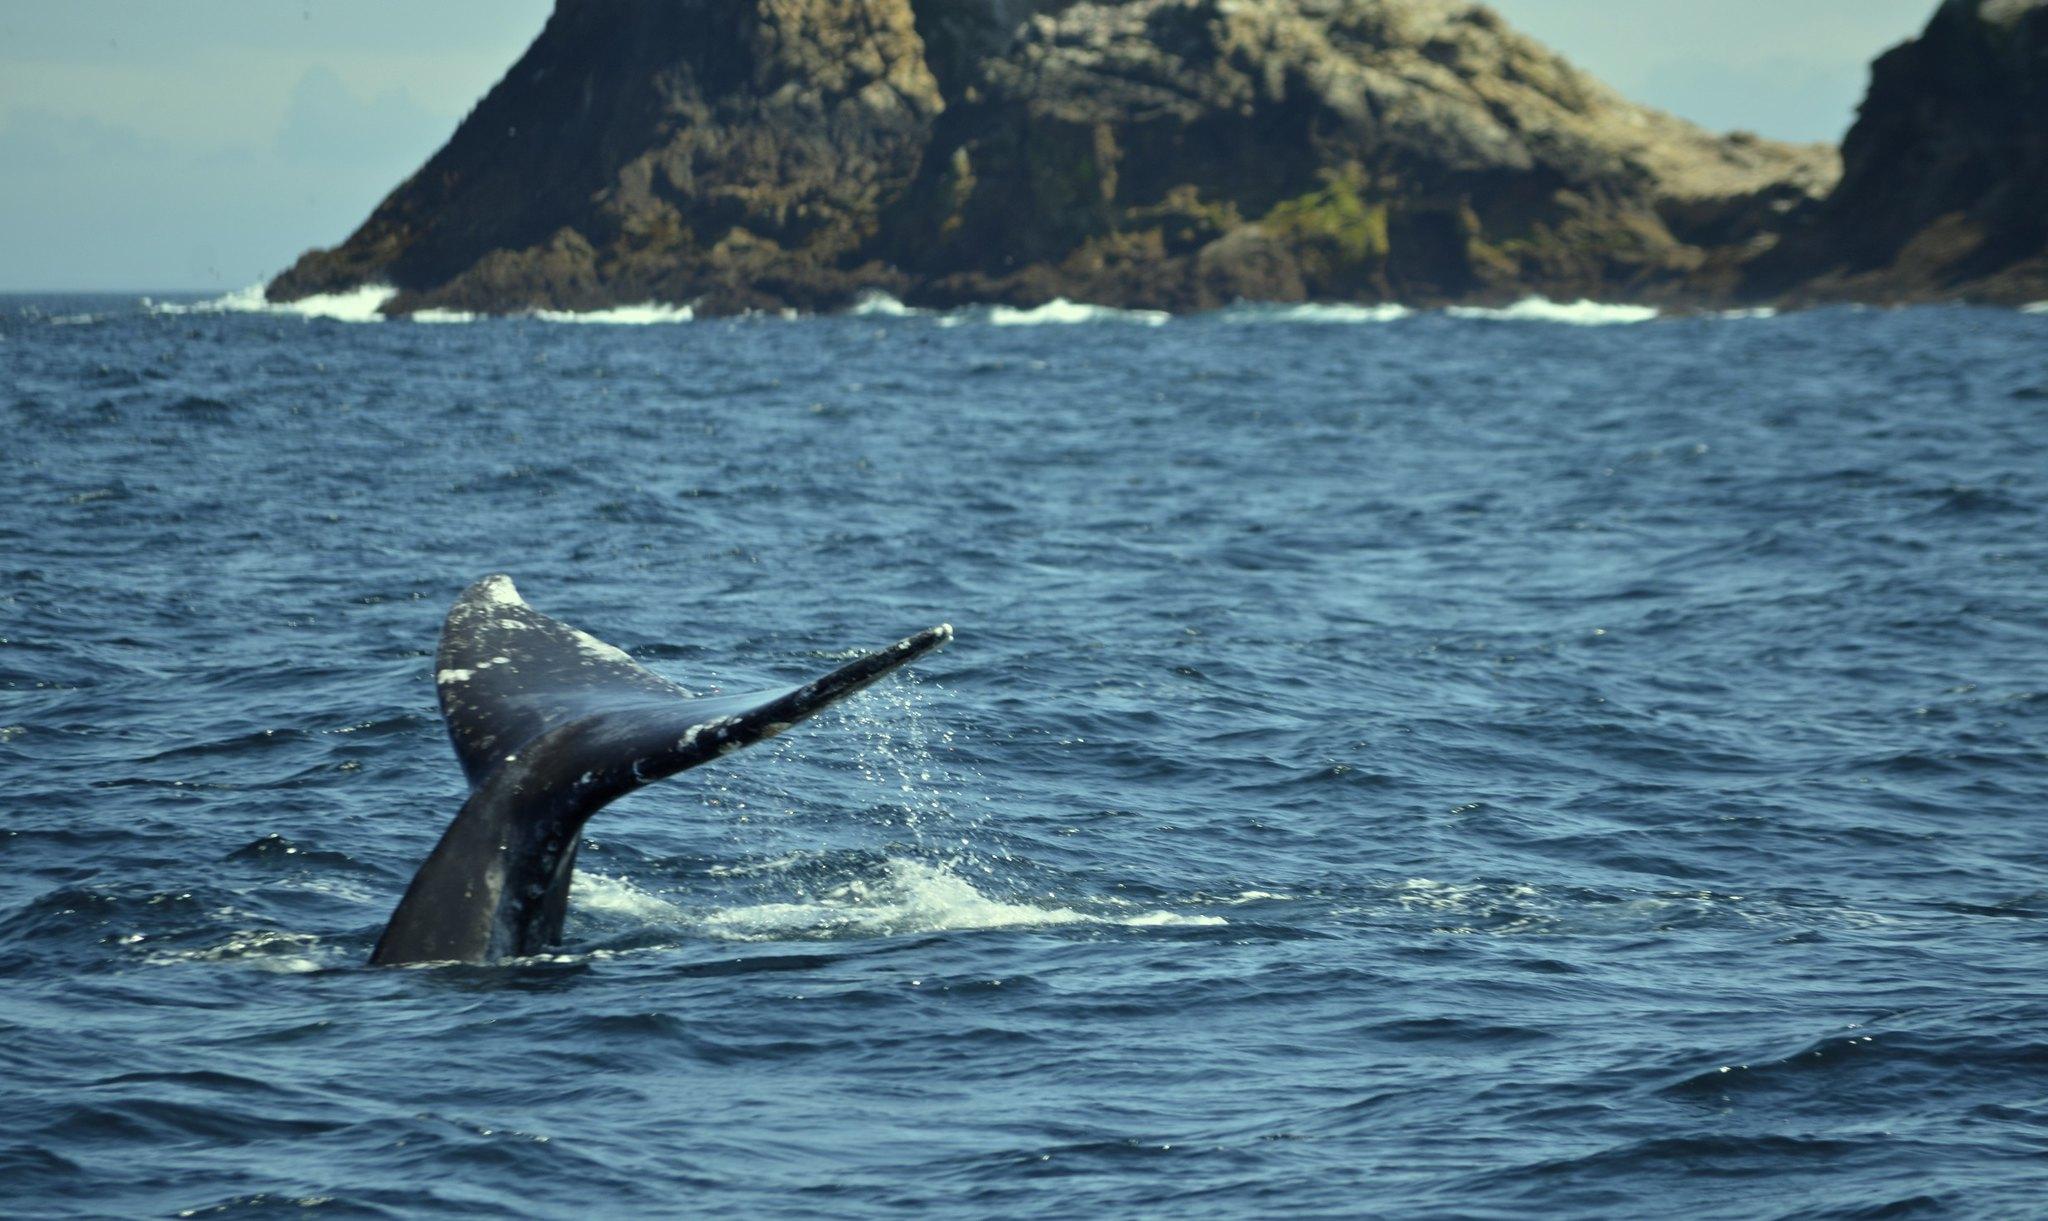 Grey Whale! // Grauwal!